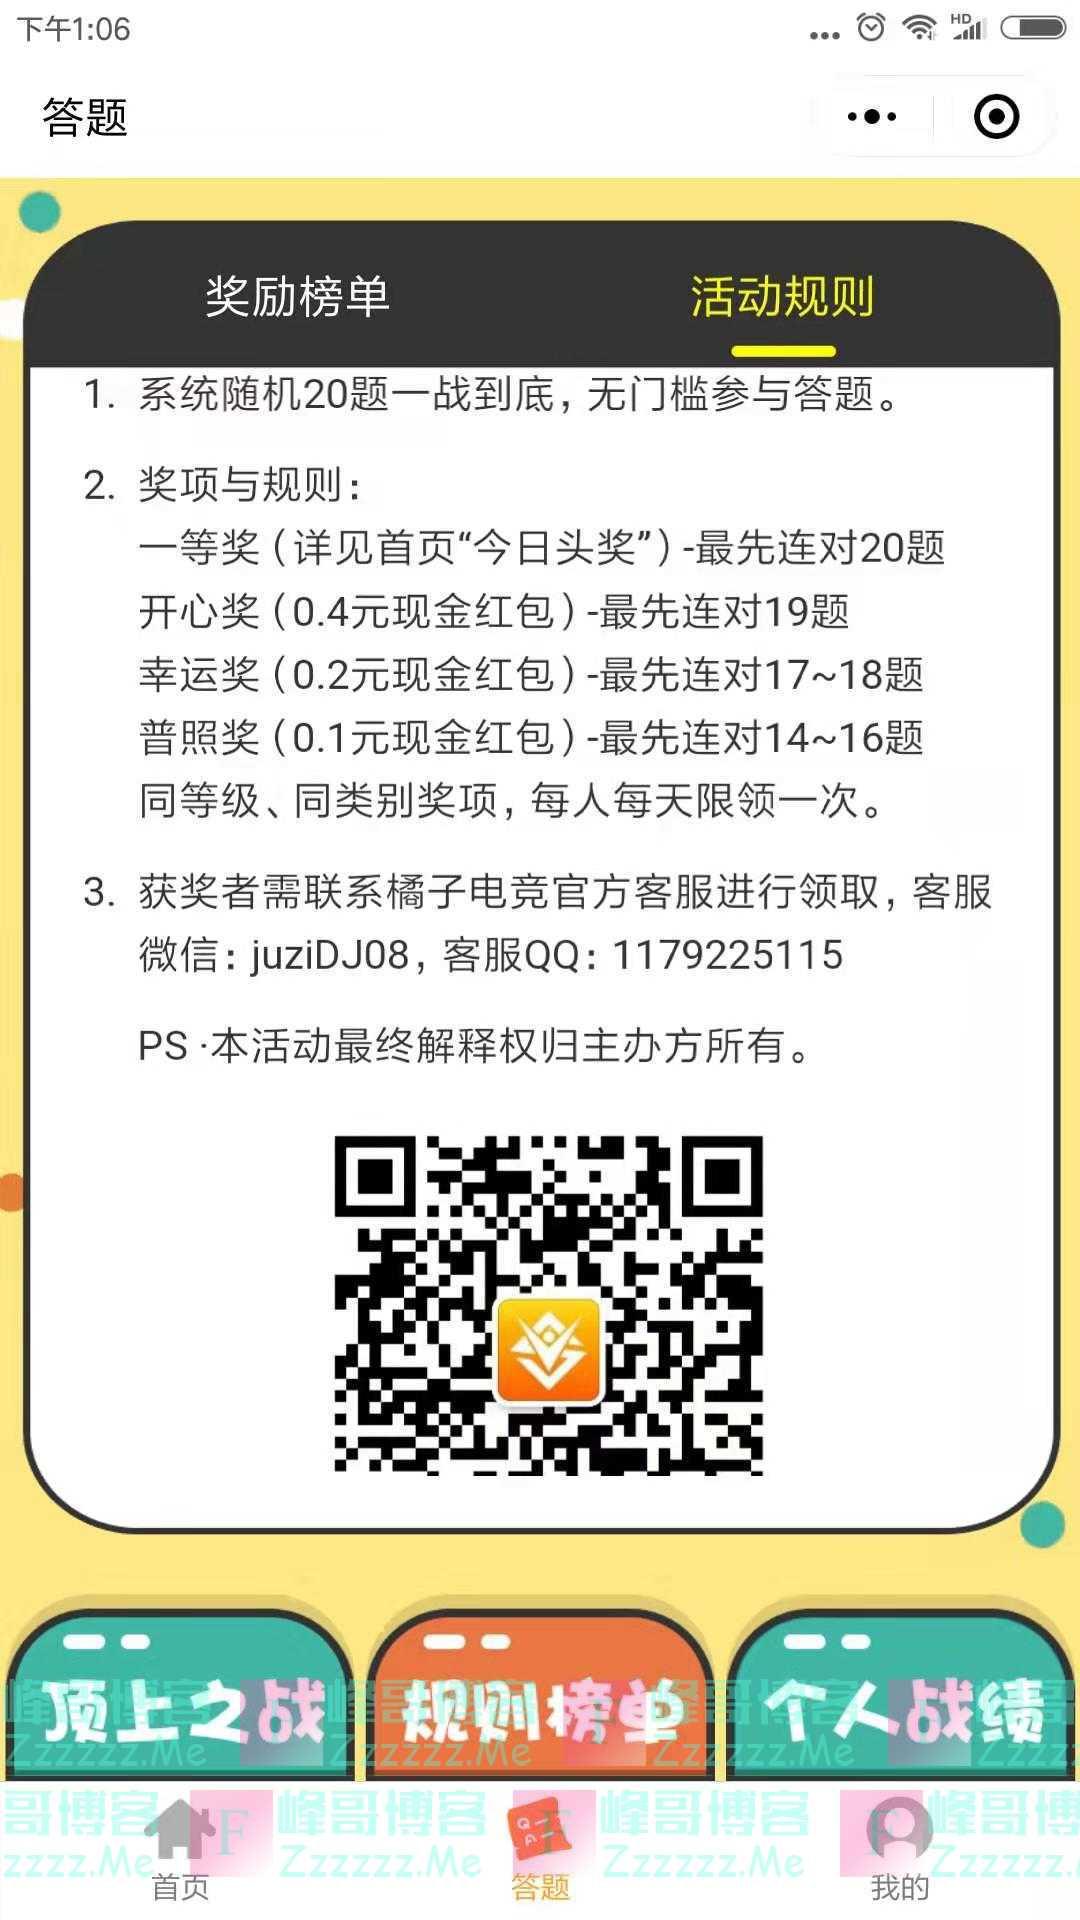 橘子电竞免费答题赢好礼(截止不详)